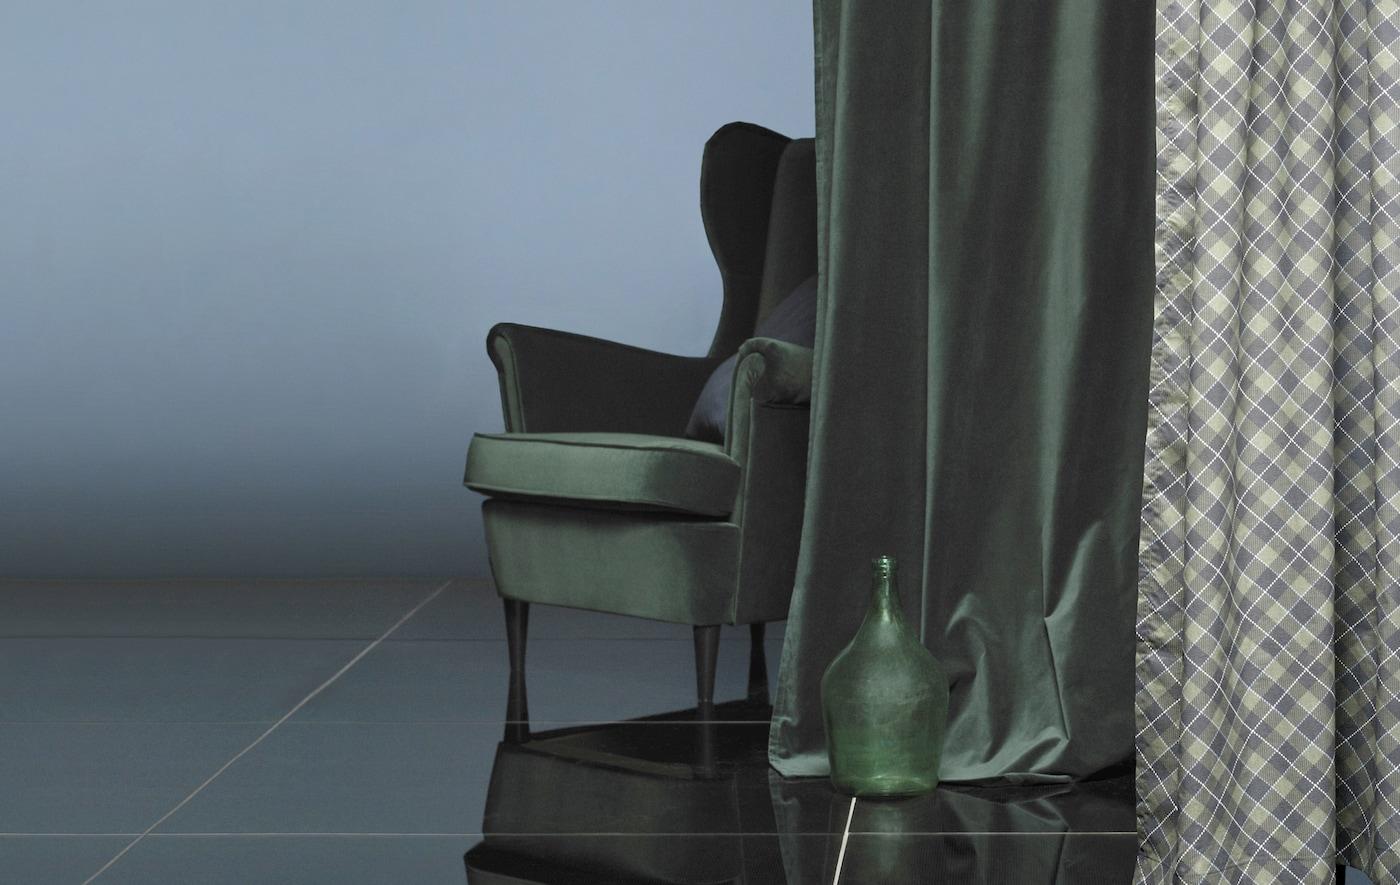 Un fauteuil derrière un rideau en velours vert foncé.